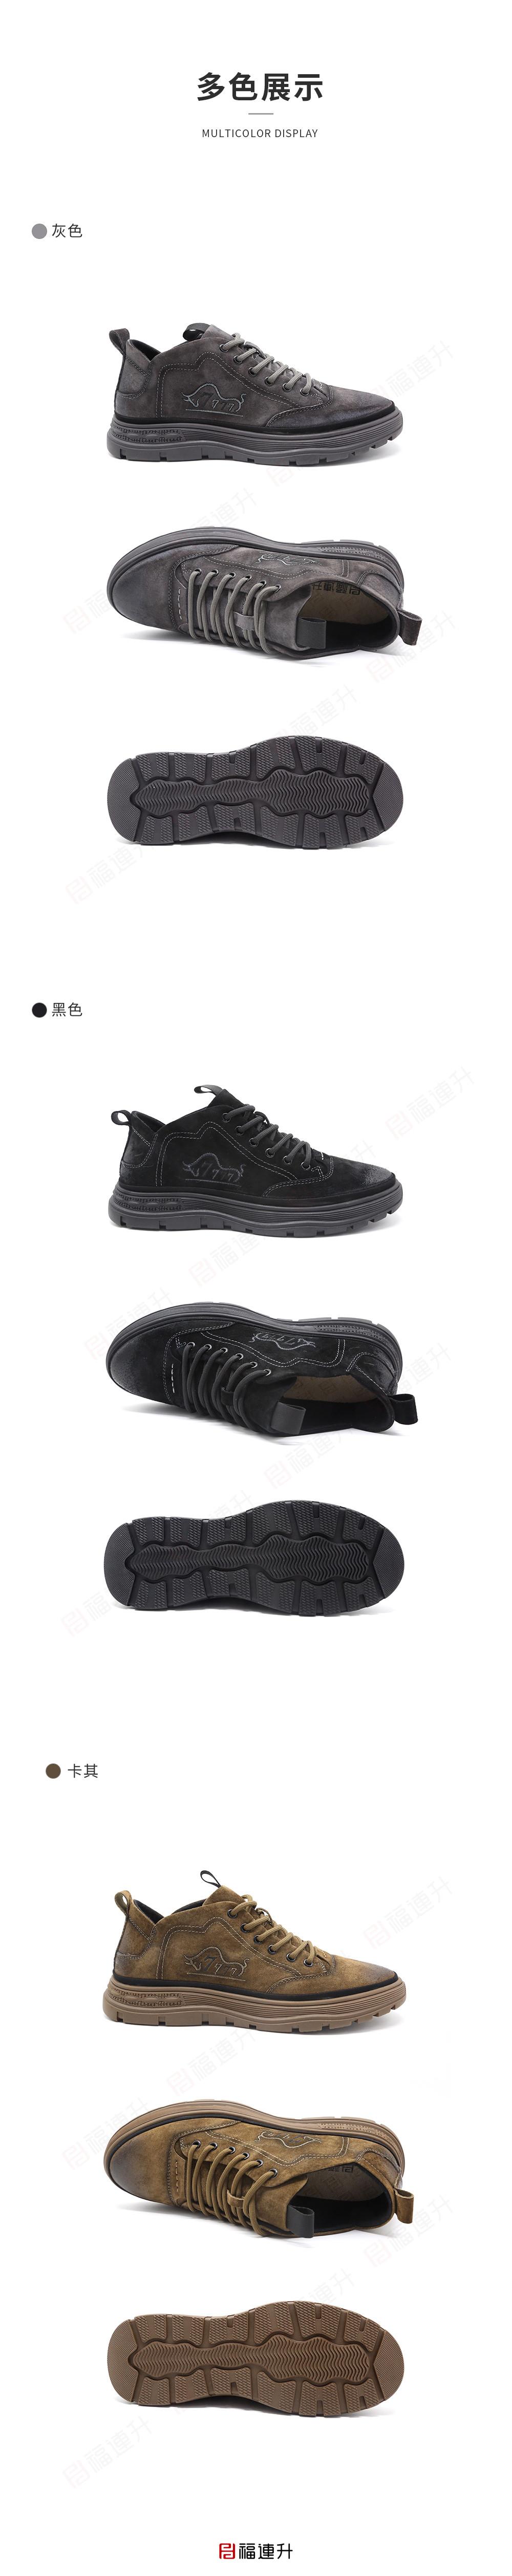 福连升秋季新款英伦商务休闲板鞋真皮橡胶防滑休闲男鞋图片